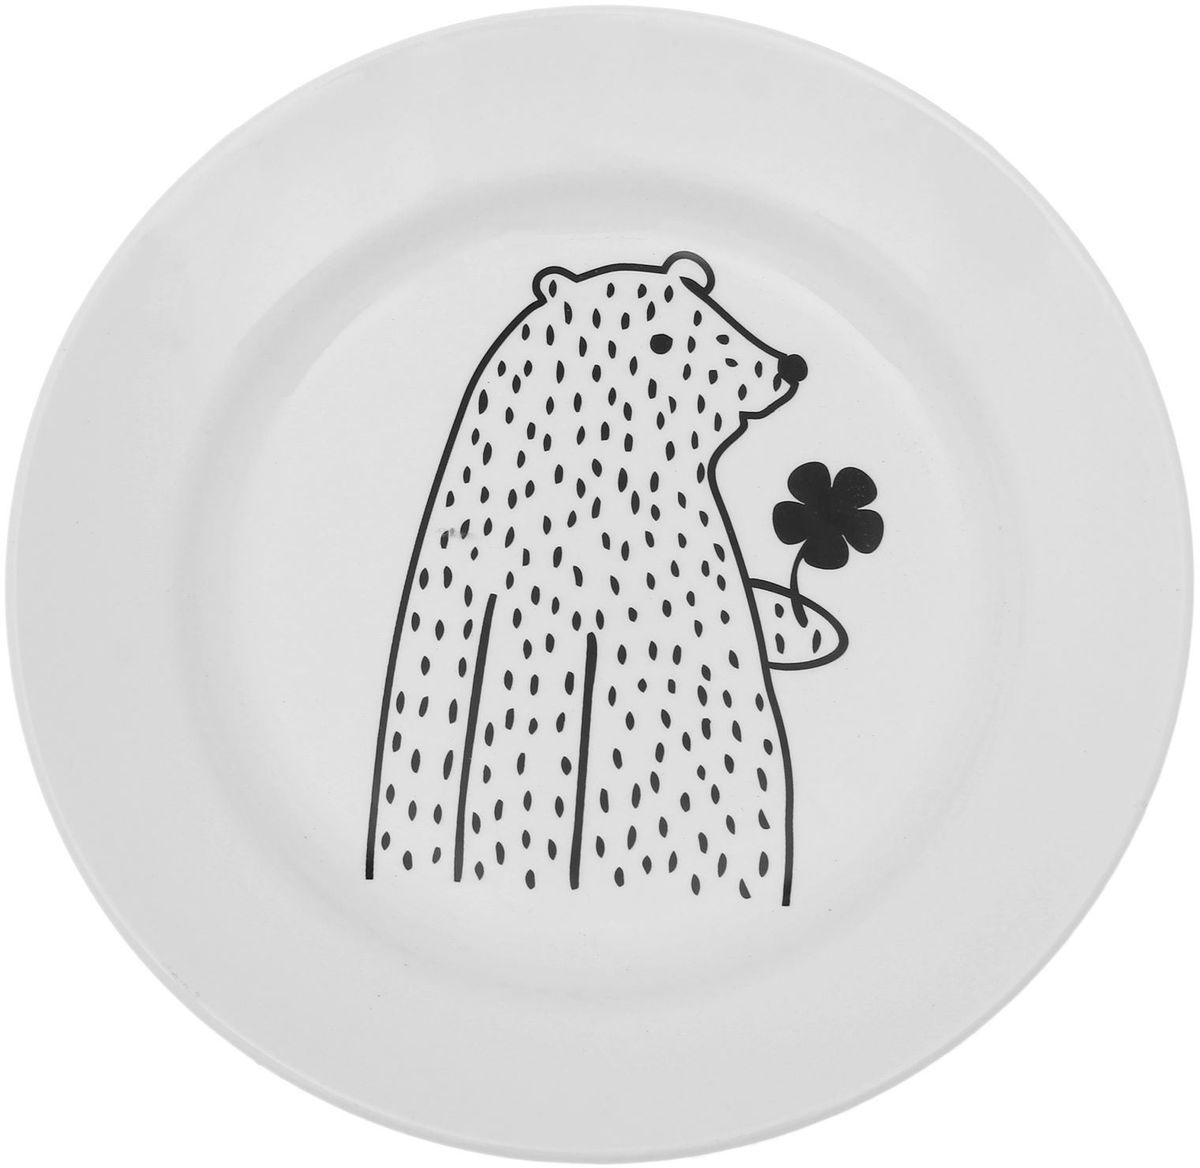 Тарелка мелкая Сотвори чудо Цветочный мишка, диаметр 20 см115510Хотите обновить интерьер кухни или гостиной? Устраиваете необычную фотосессию или тематический праздник? А может, просто ищете подарок для близкого человека? Посуда Сотвори Чудо — правильный выбор в любой ситуации. Тарелка Сотвори Чудо, изготовленная из изящного фаянса нежного сливочного цвета, оформлена оригинальным рисунком со стойкой краской. Пригодна для посудомоечной машины.